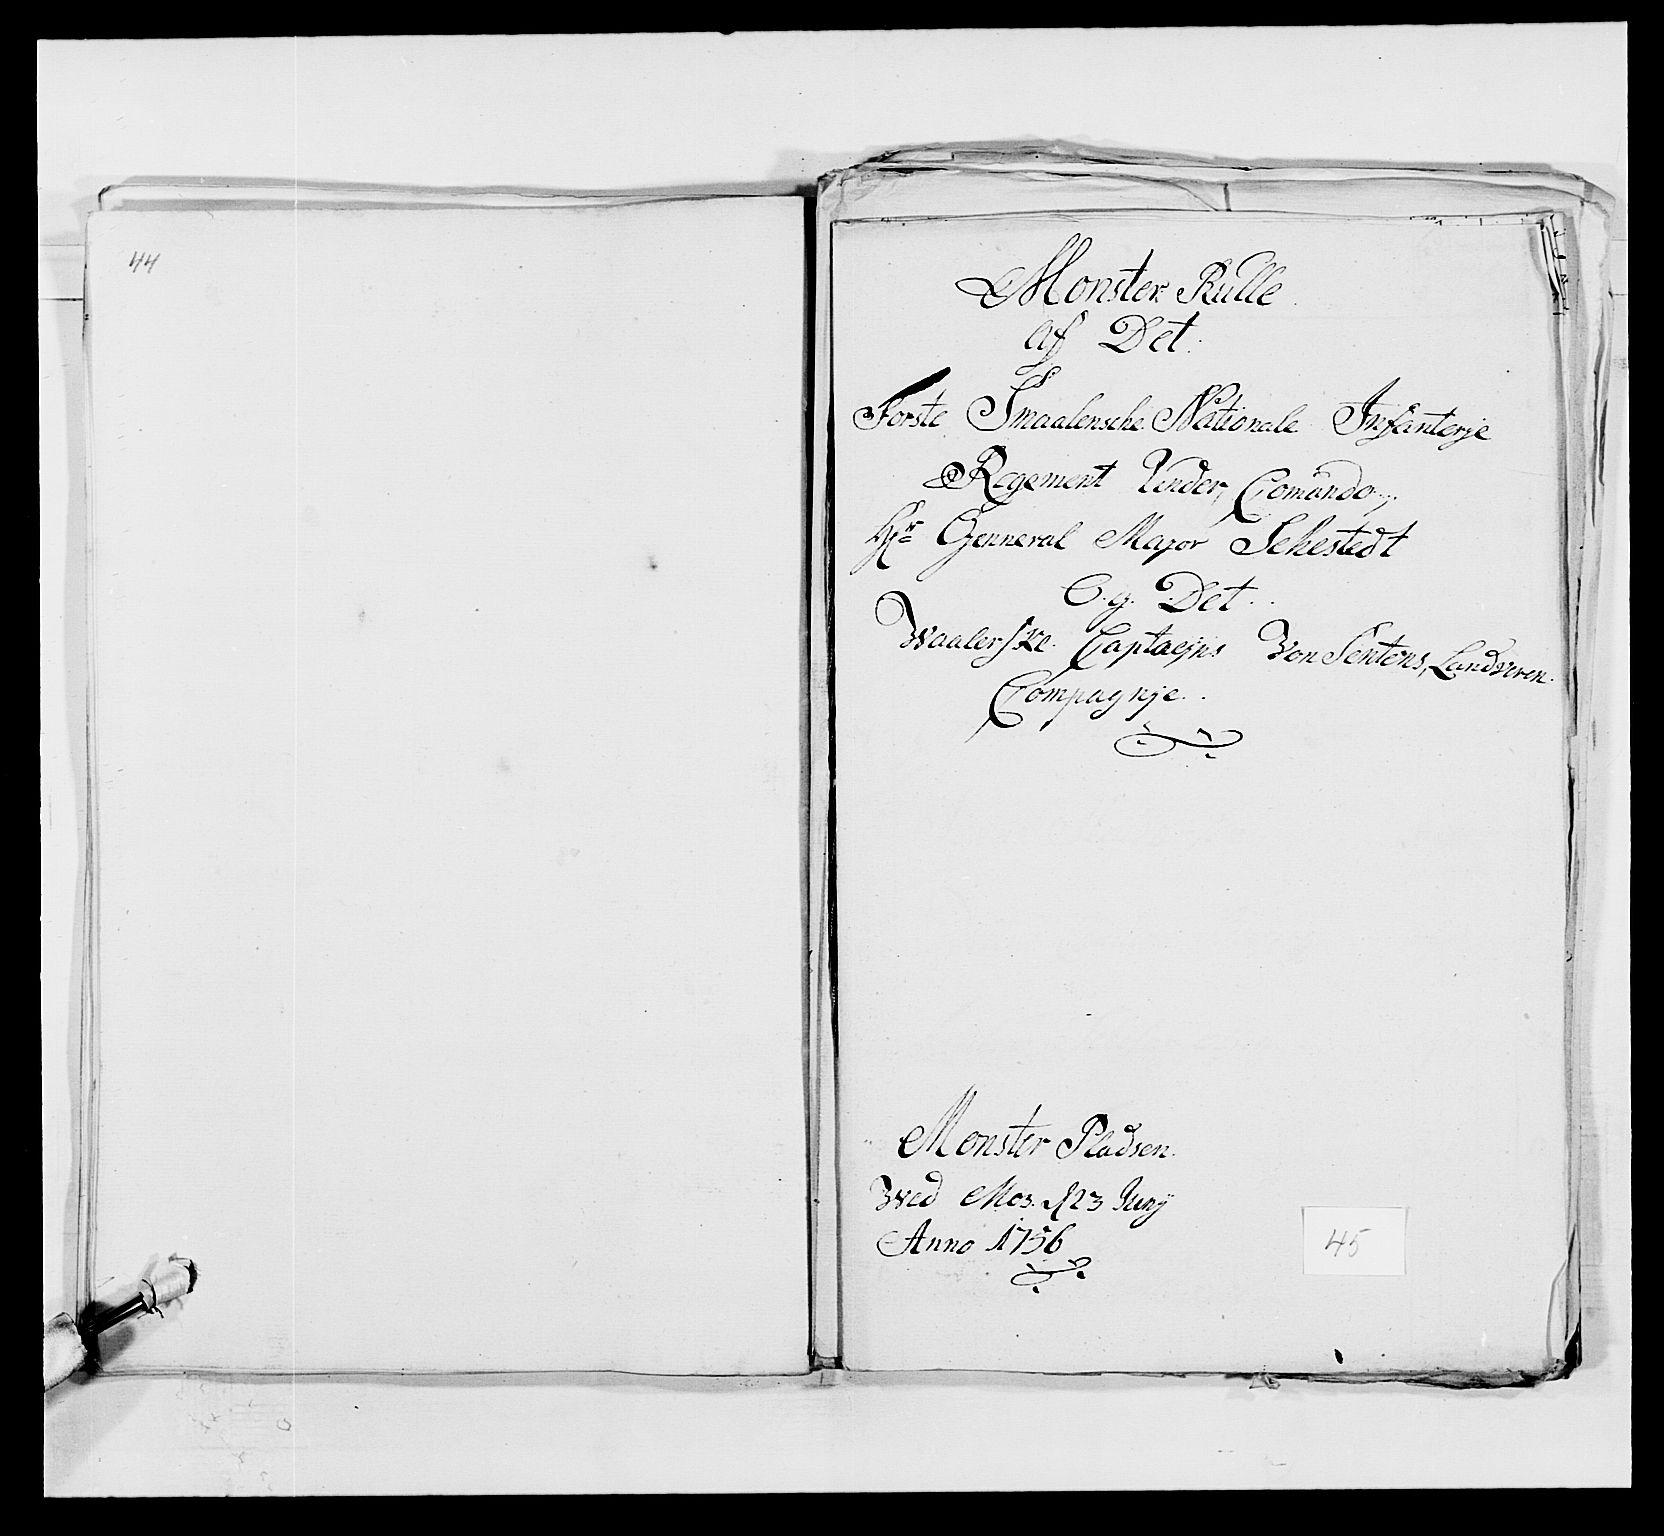 RA, Kommanderende general (KG I) med Det norske krigsdirektorium, E/Ea/L0495: 1. Smålenske regiment, 1732-1763, s. 586